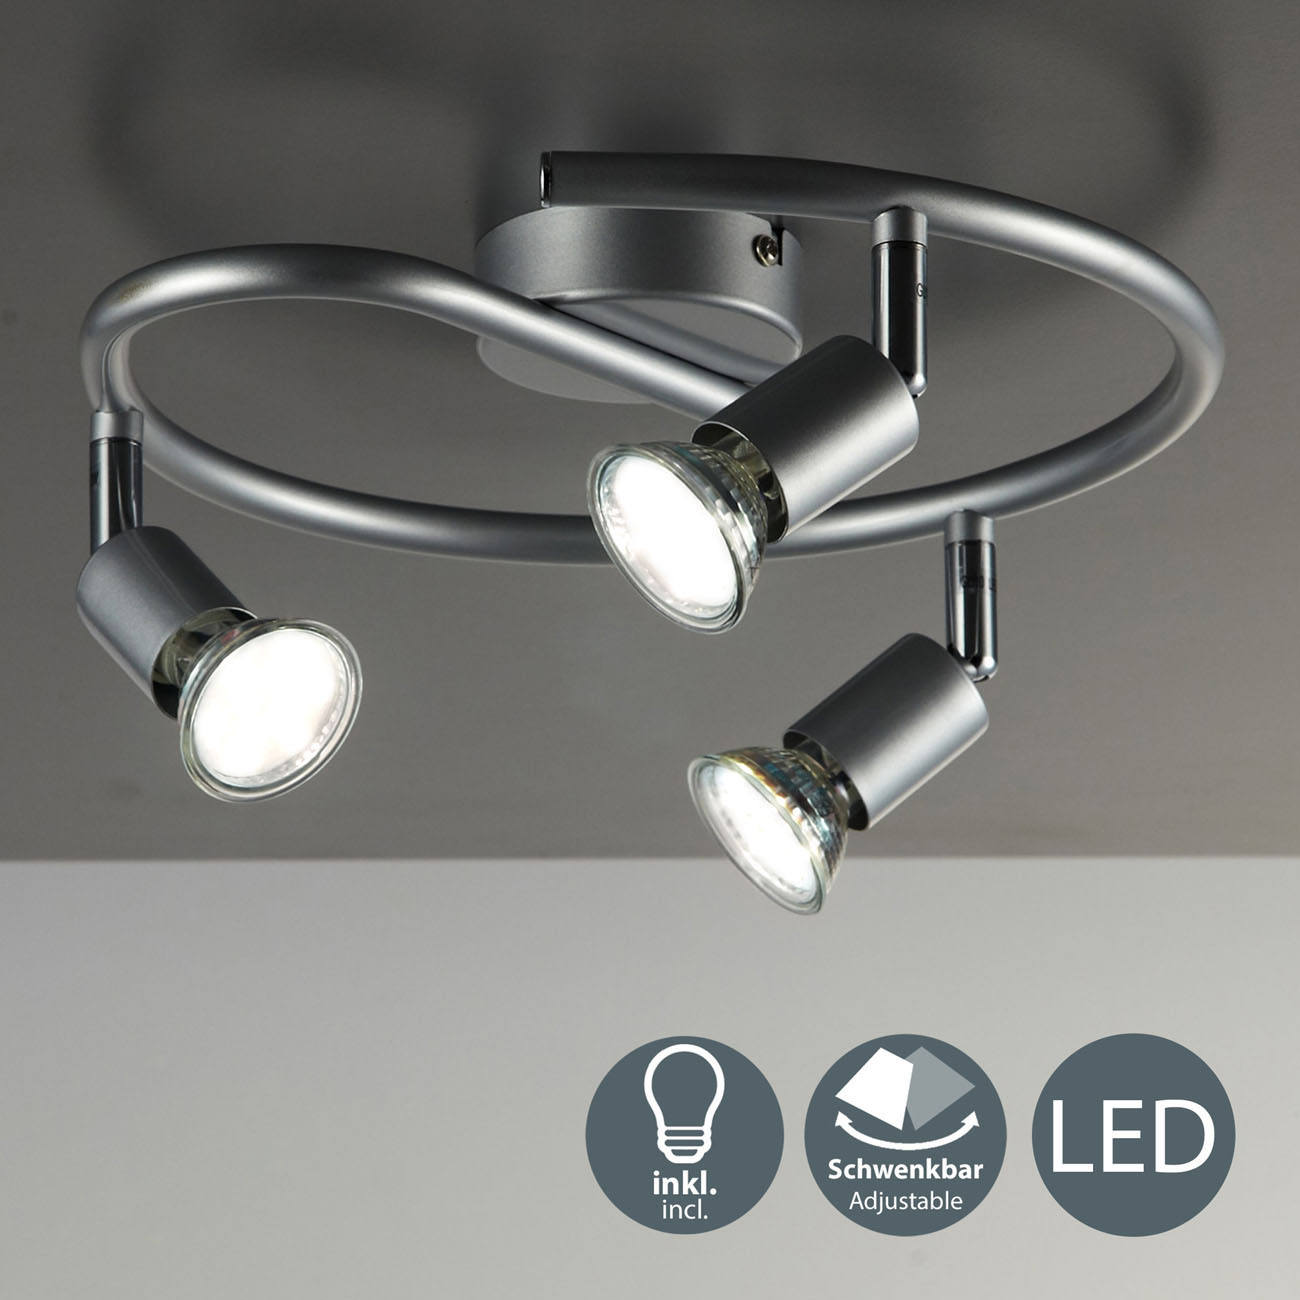 LED Deckenstrahler Deckenspot 3-flammig rund - 3